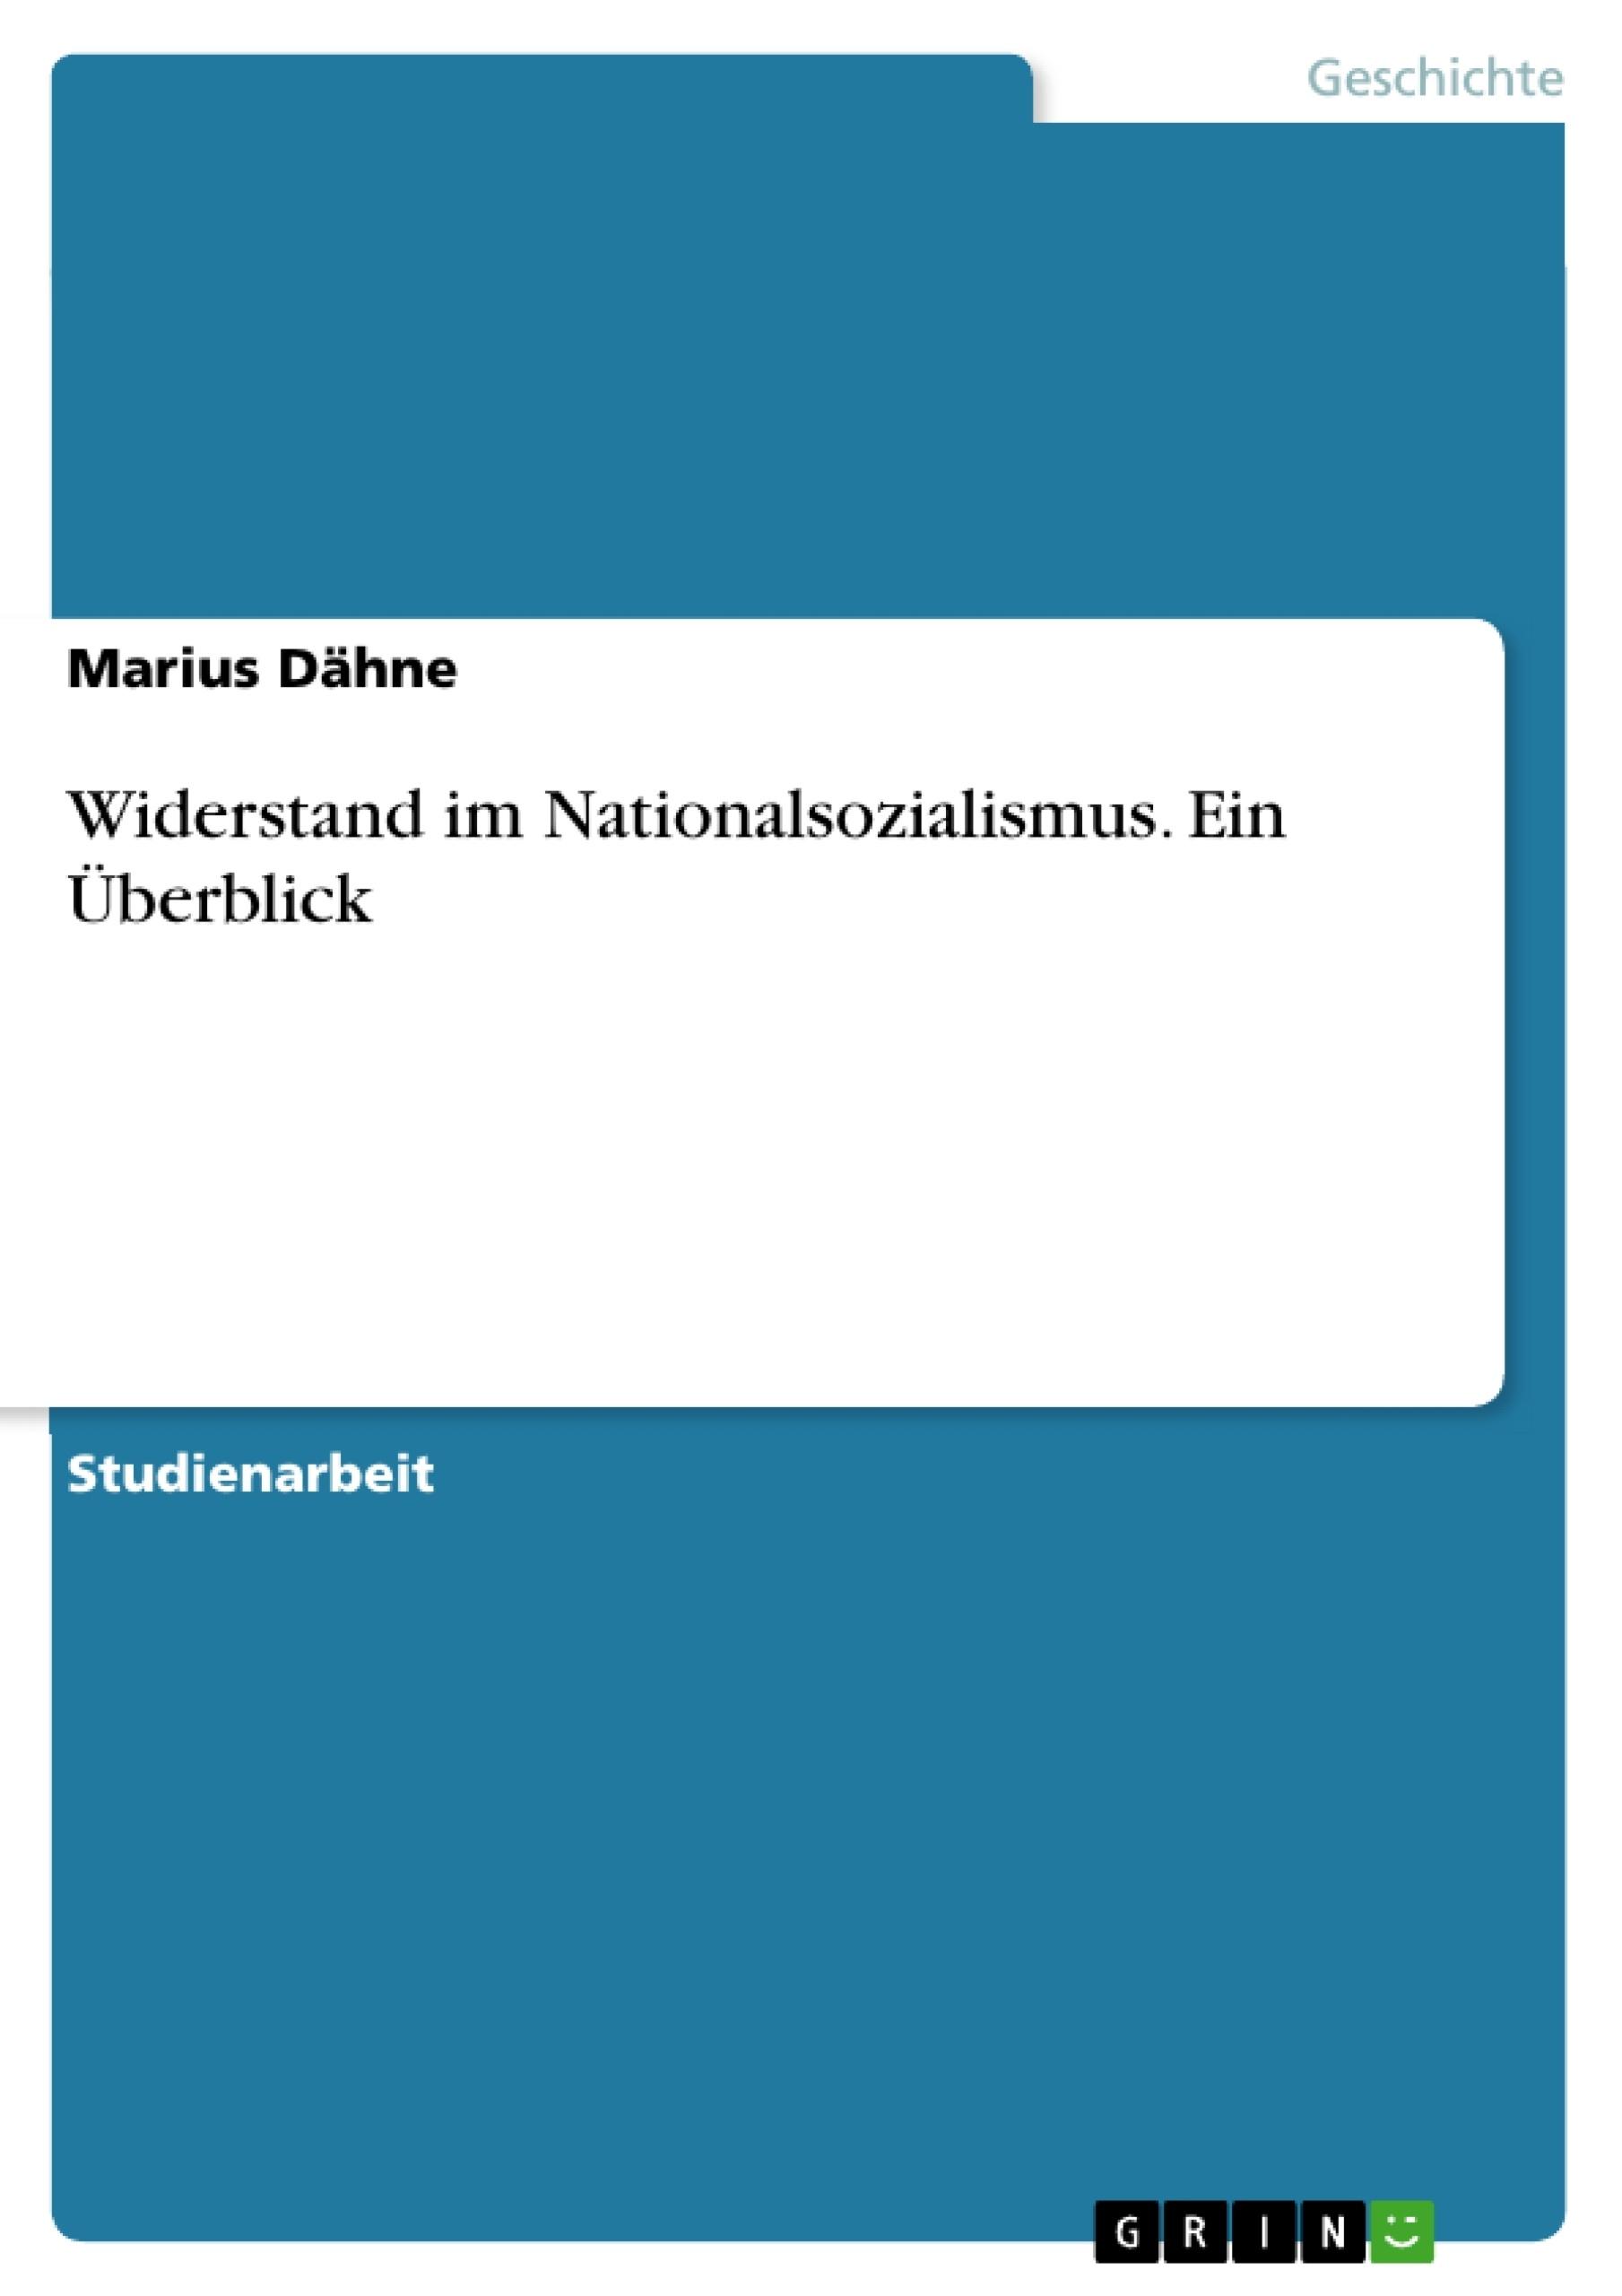 Titel: Widerstand im Nationalsozialismus. Ein Überblick